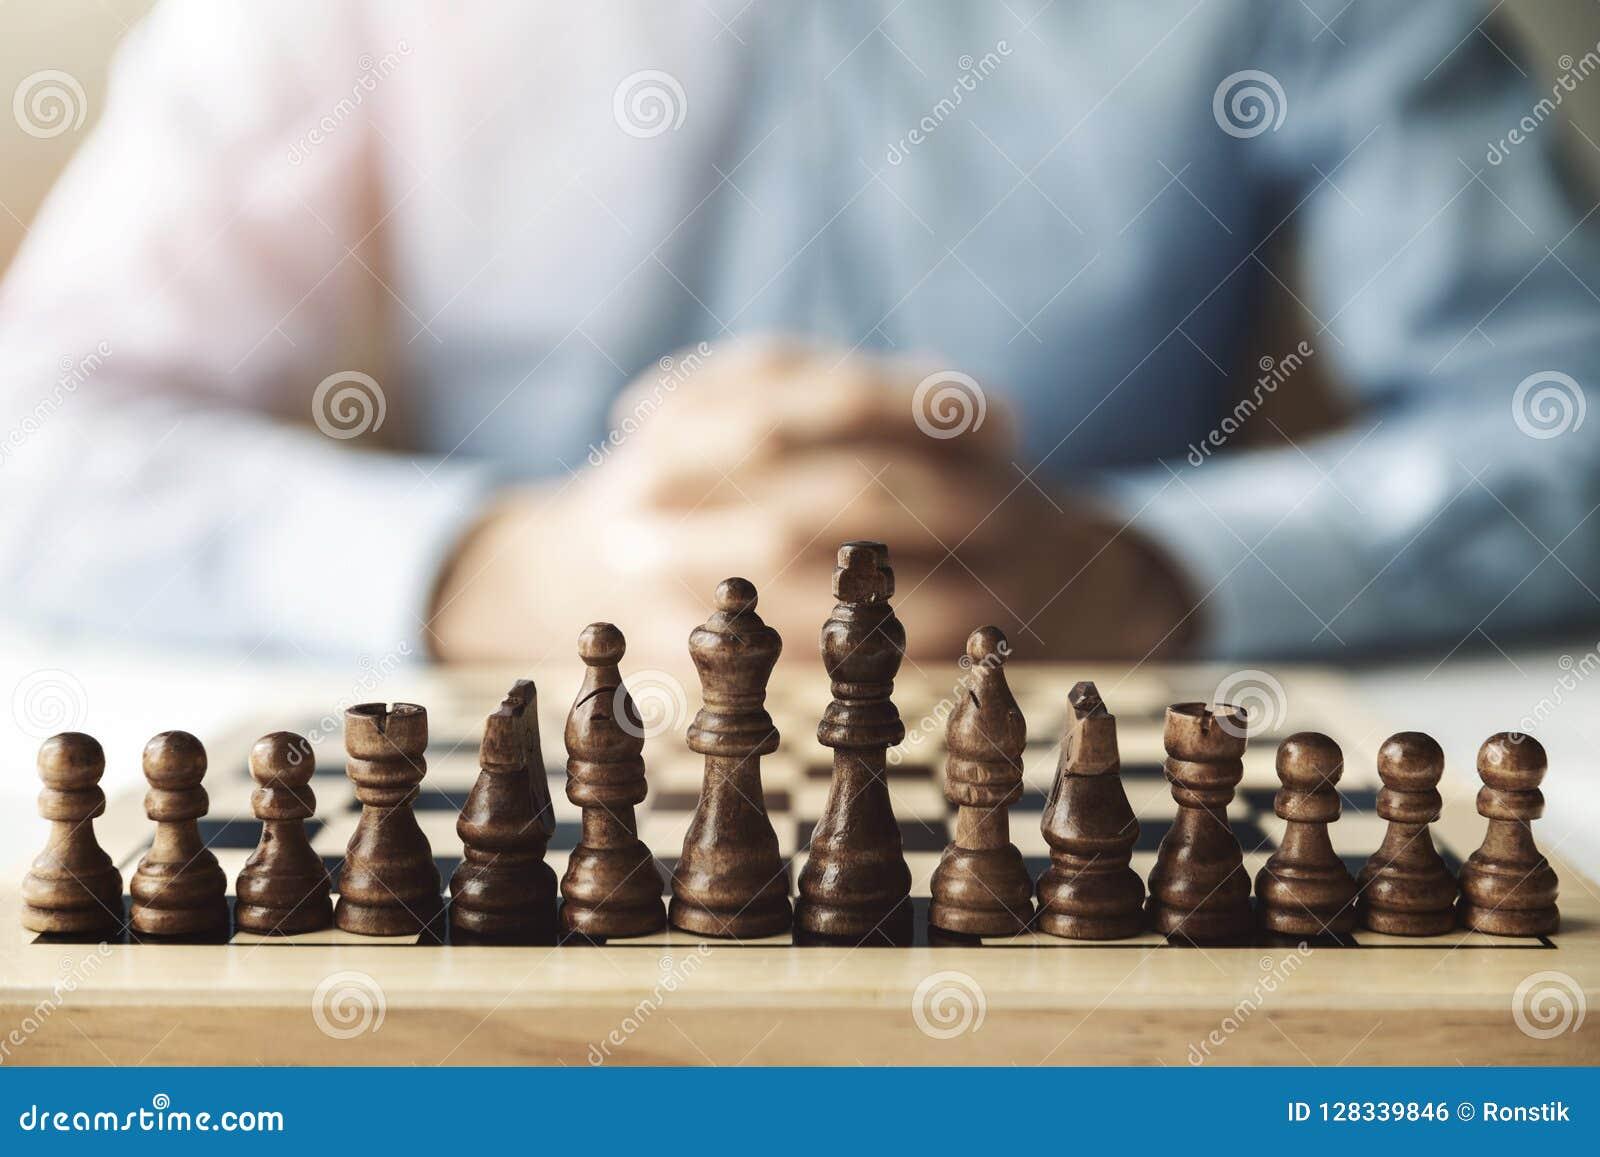 Стратегия бизнеса и концепция возможности